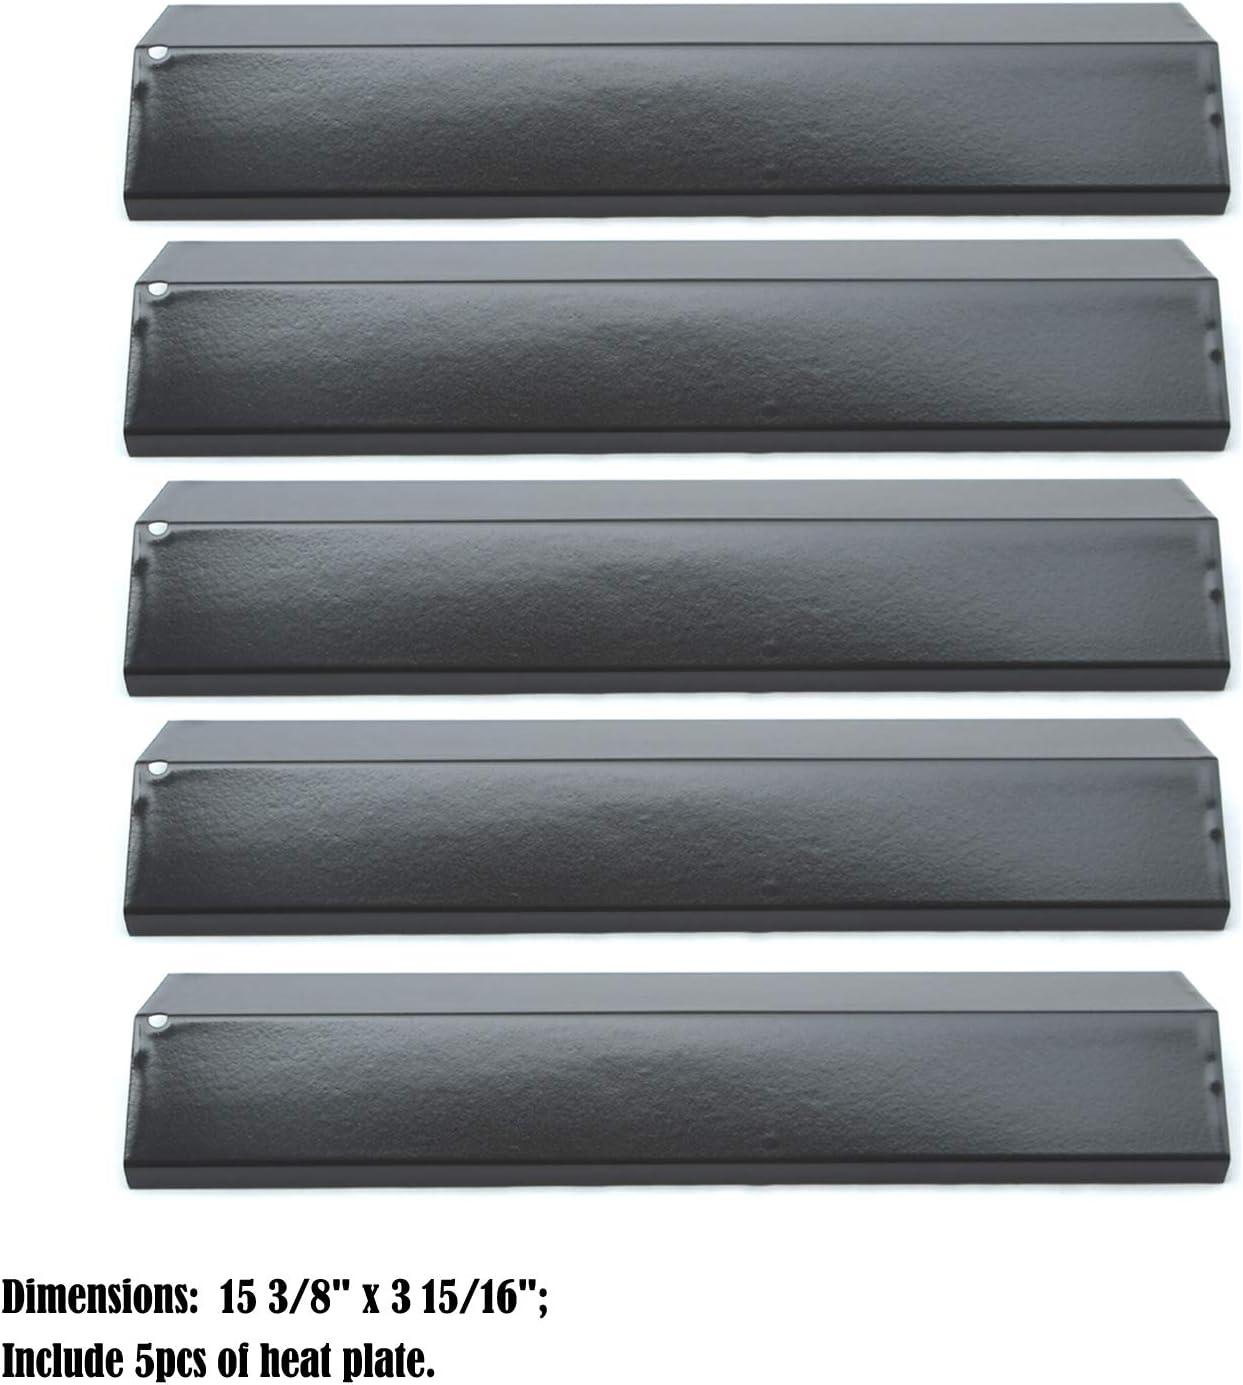 Amazon.com: Direct Store Parts DP134 - Juego de 3 placas de ...